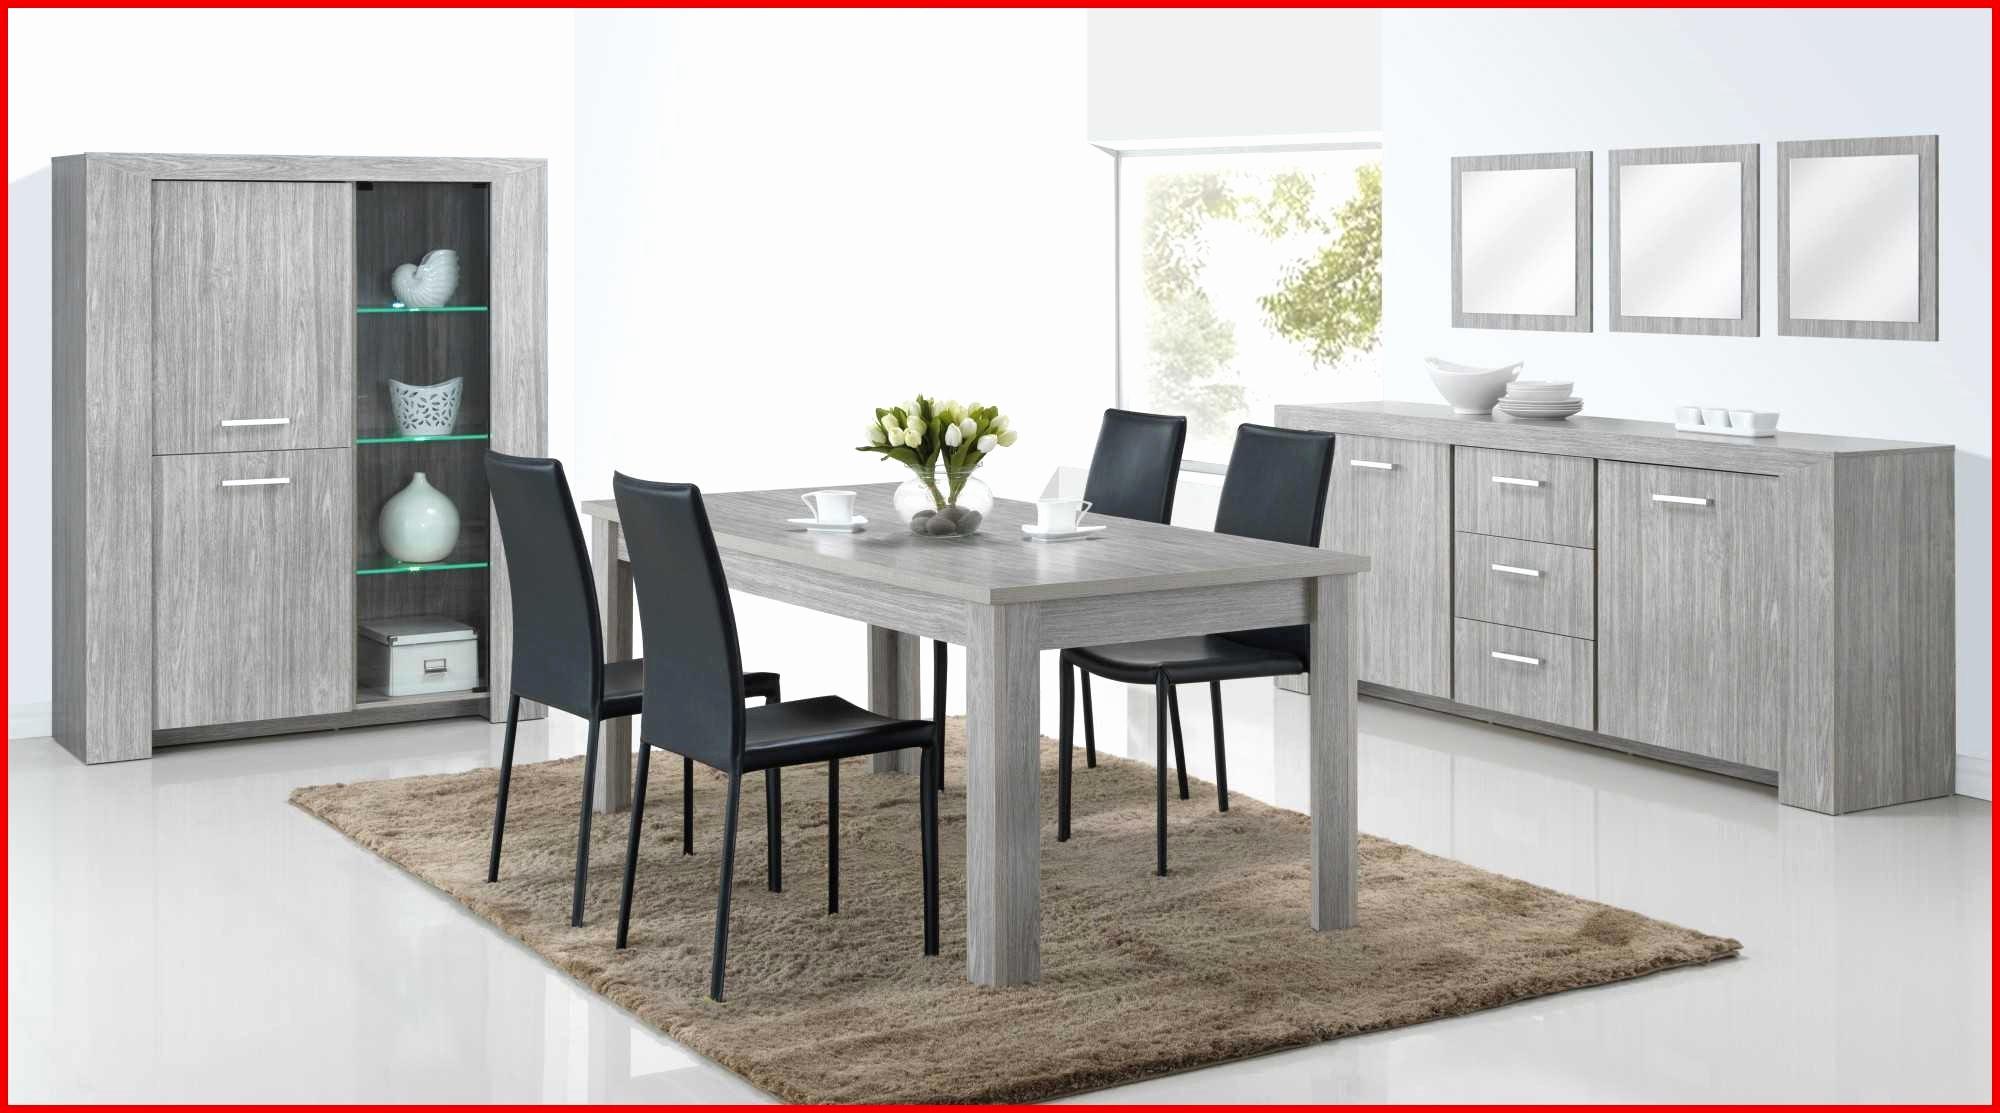 excellent images de meuble de salle a manger ikea nouveau ikea meuble sejour chaise ikea cuisine cuisine fauteuil salon 0d of excellent images de meuble de salle a manger ikea